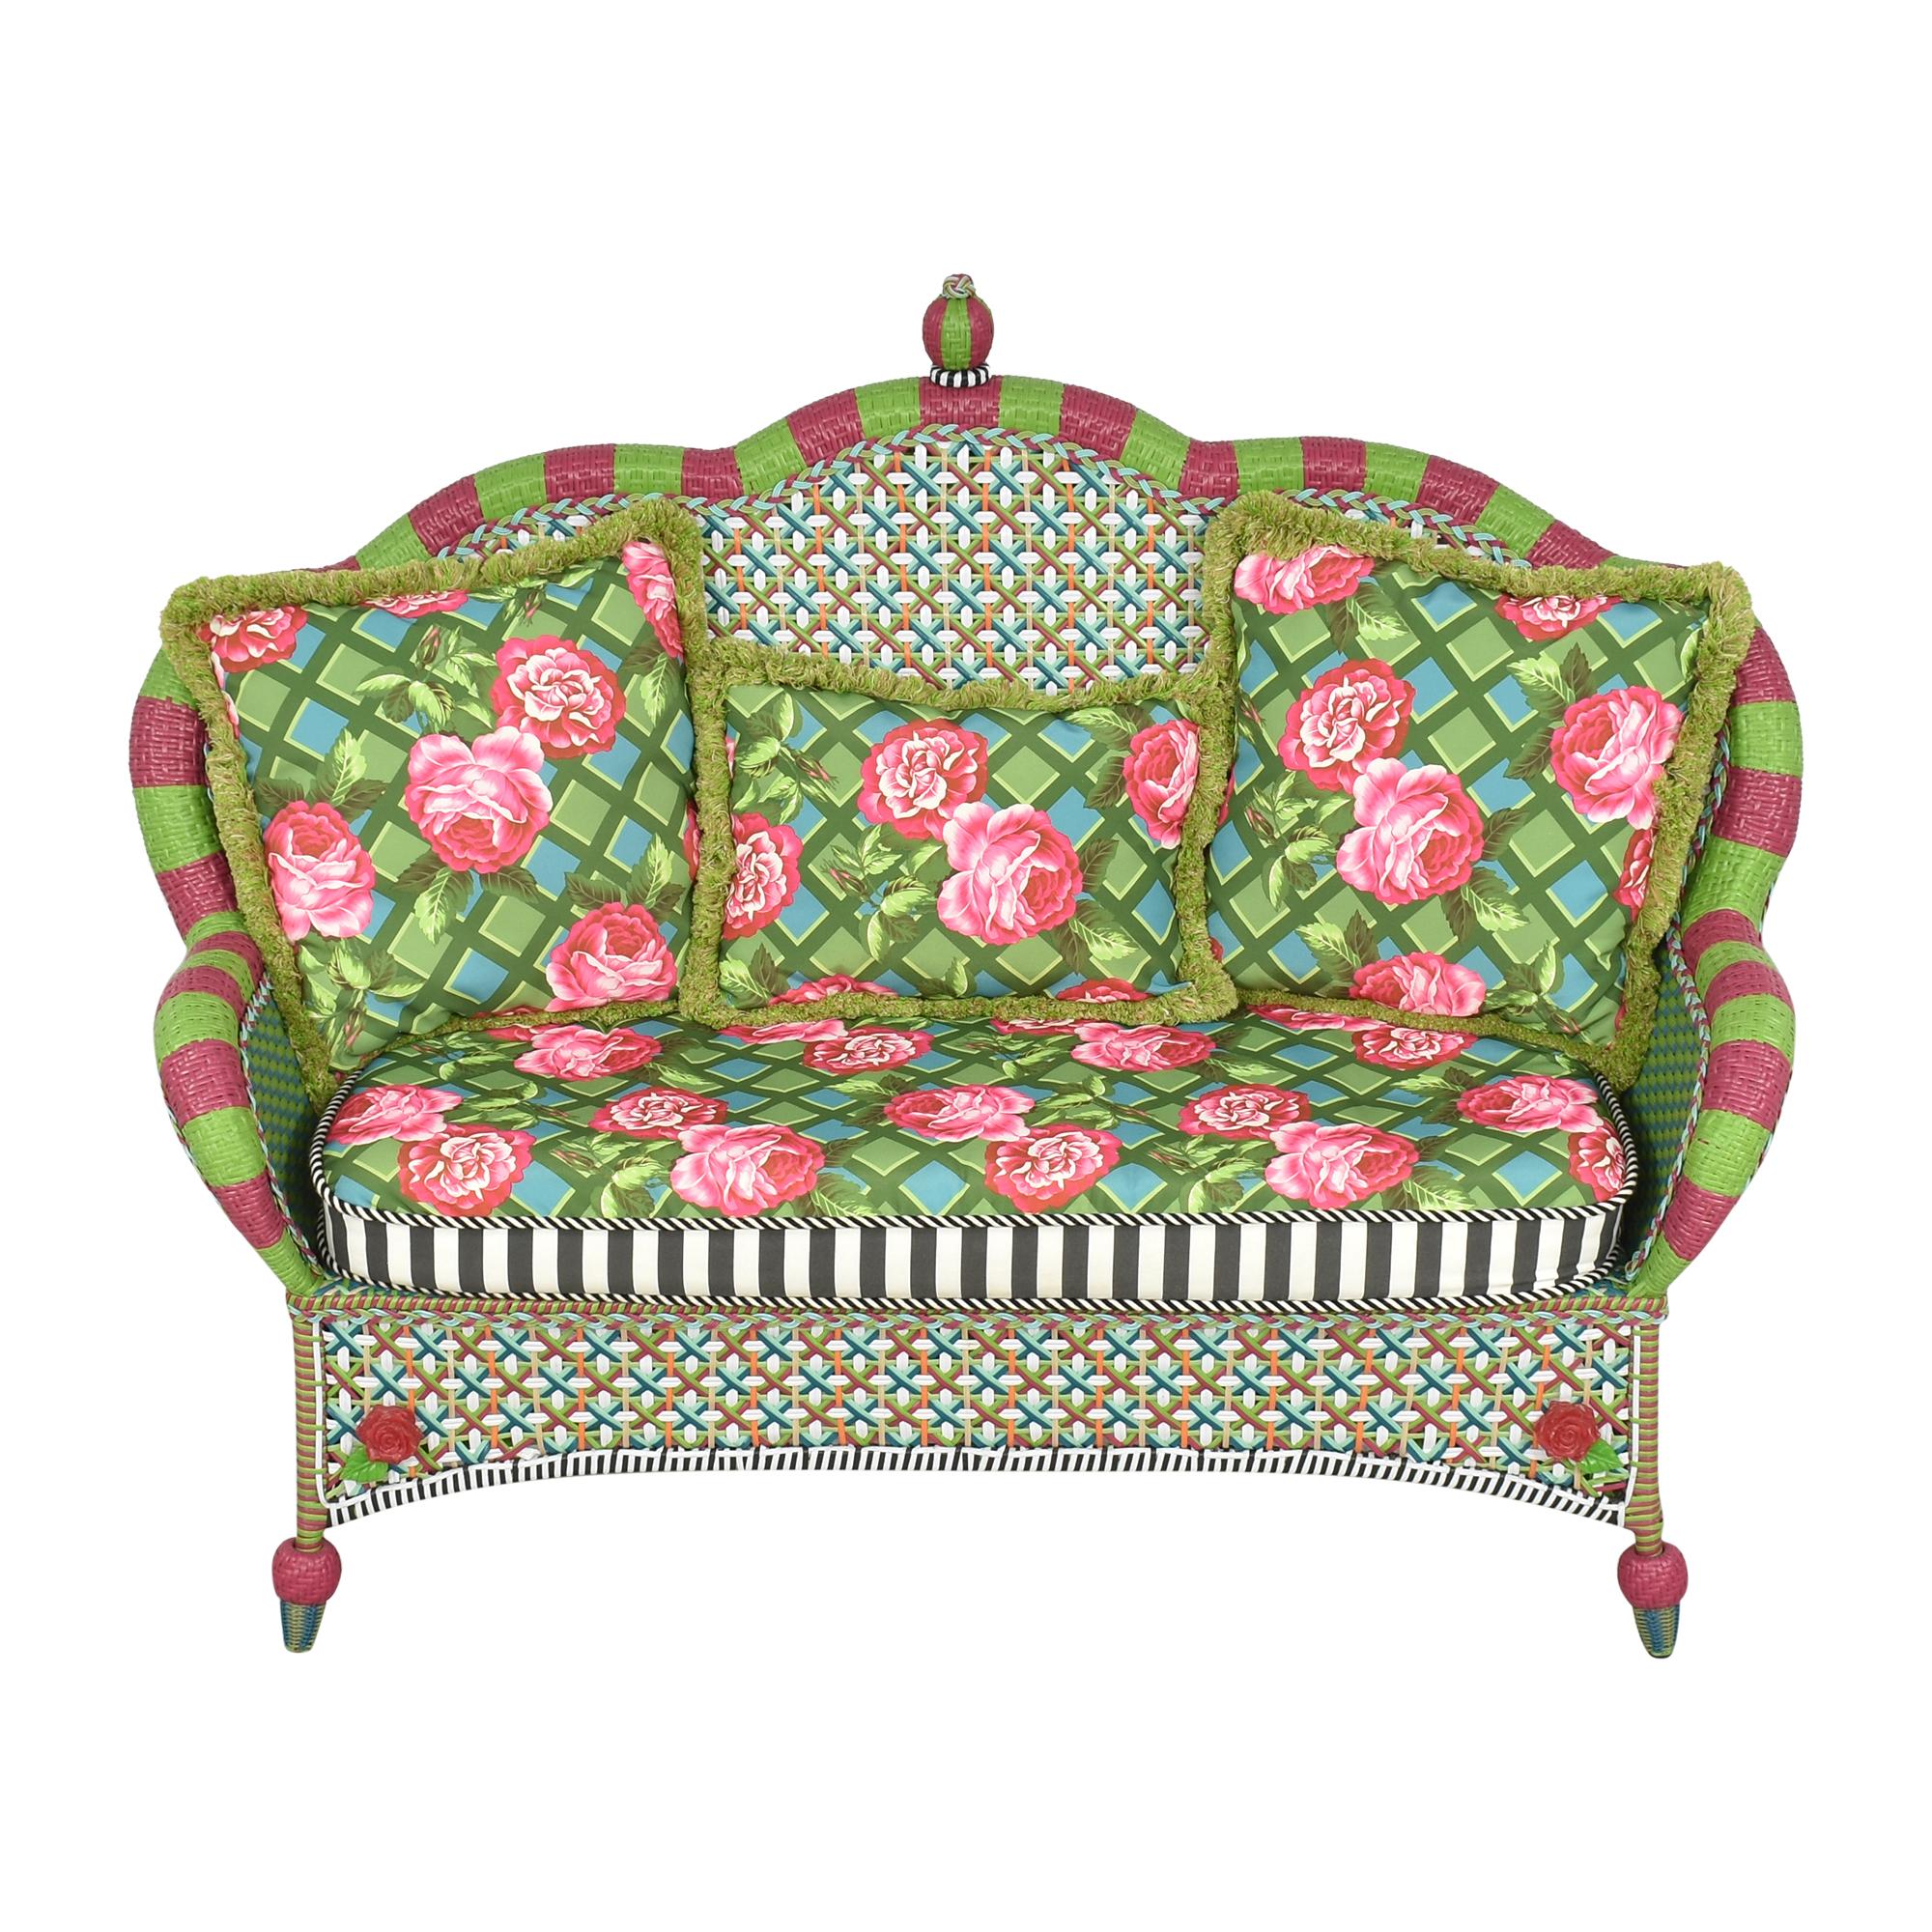 MacKenzie-Childs MacKenzie-Childs Patterned Sofa Classic Sofas